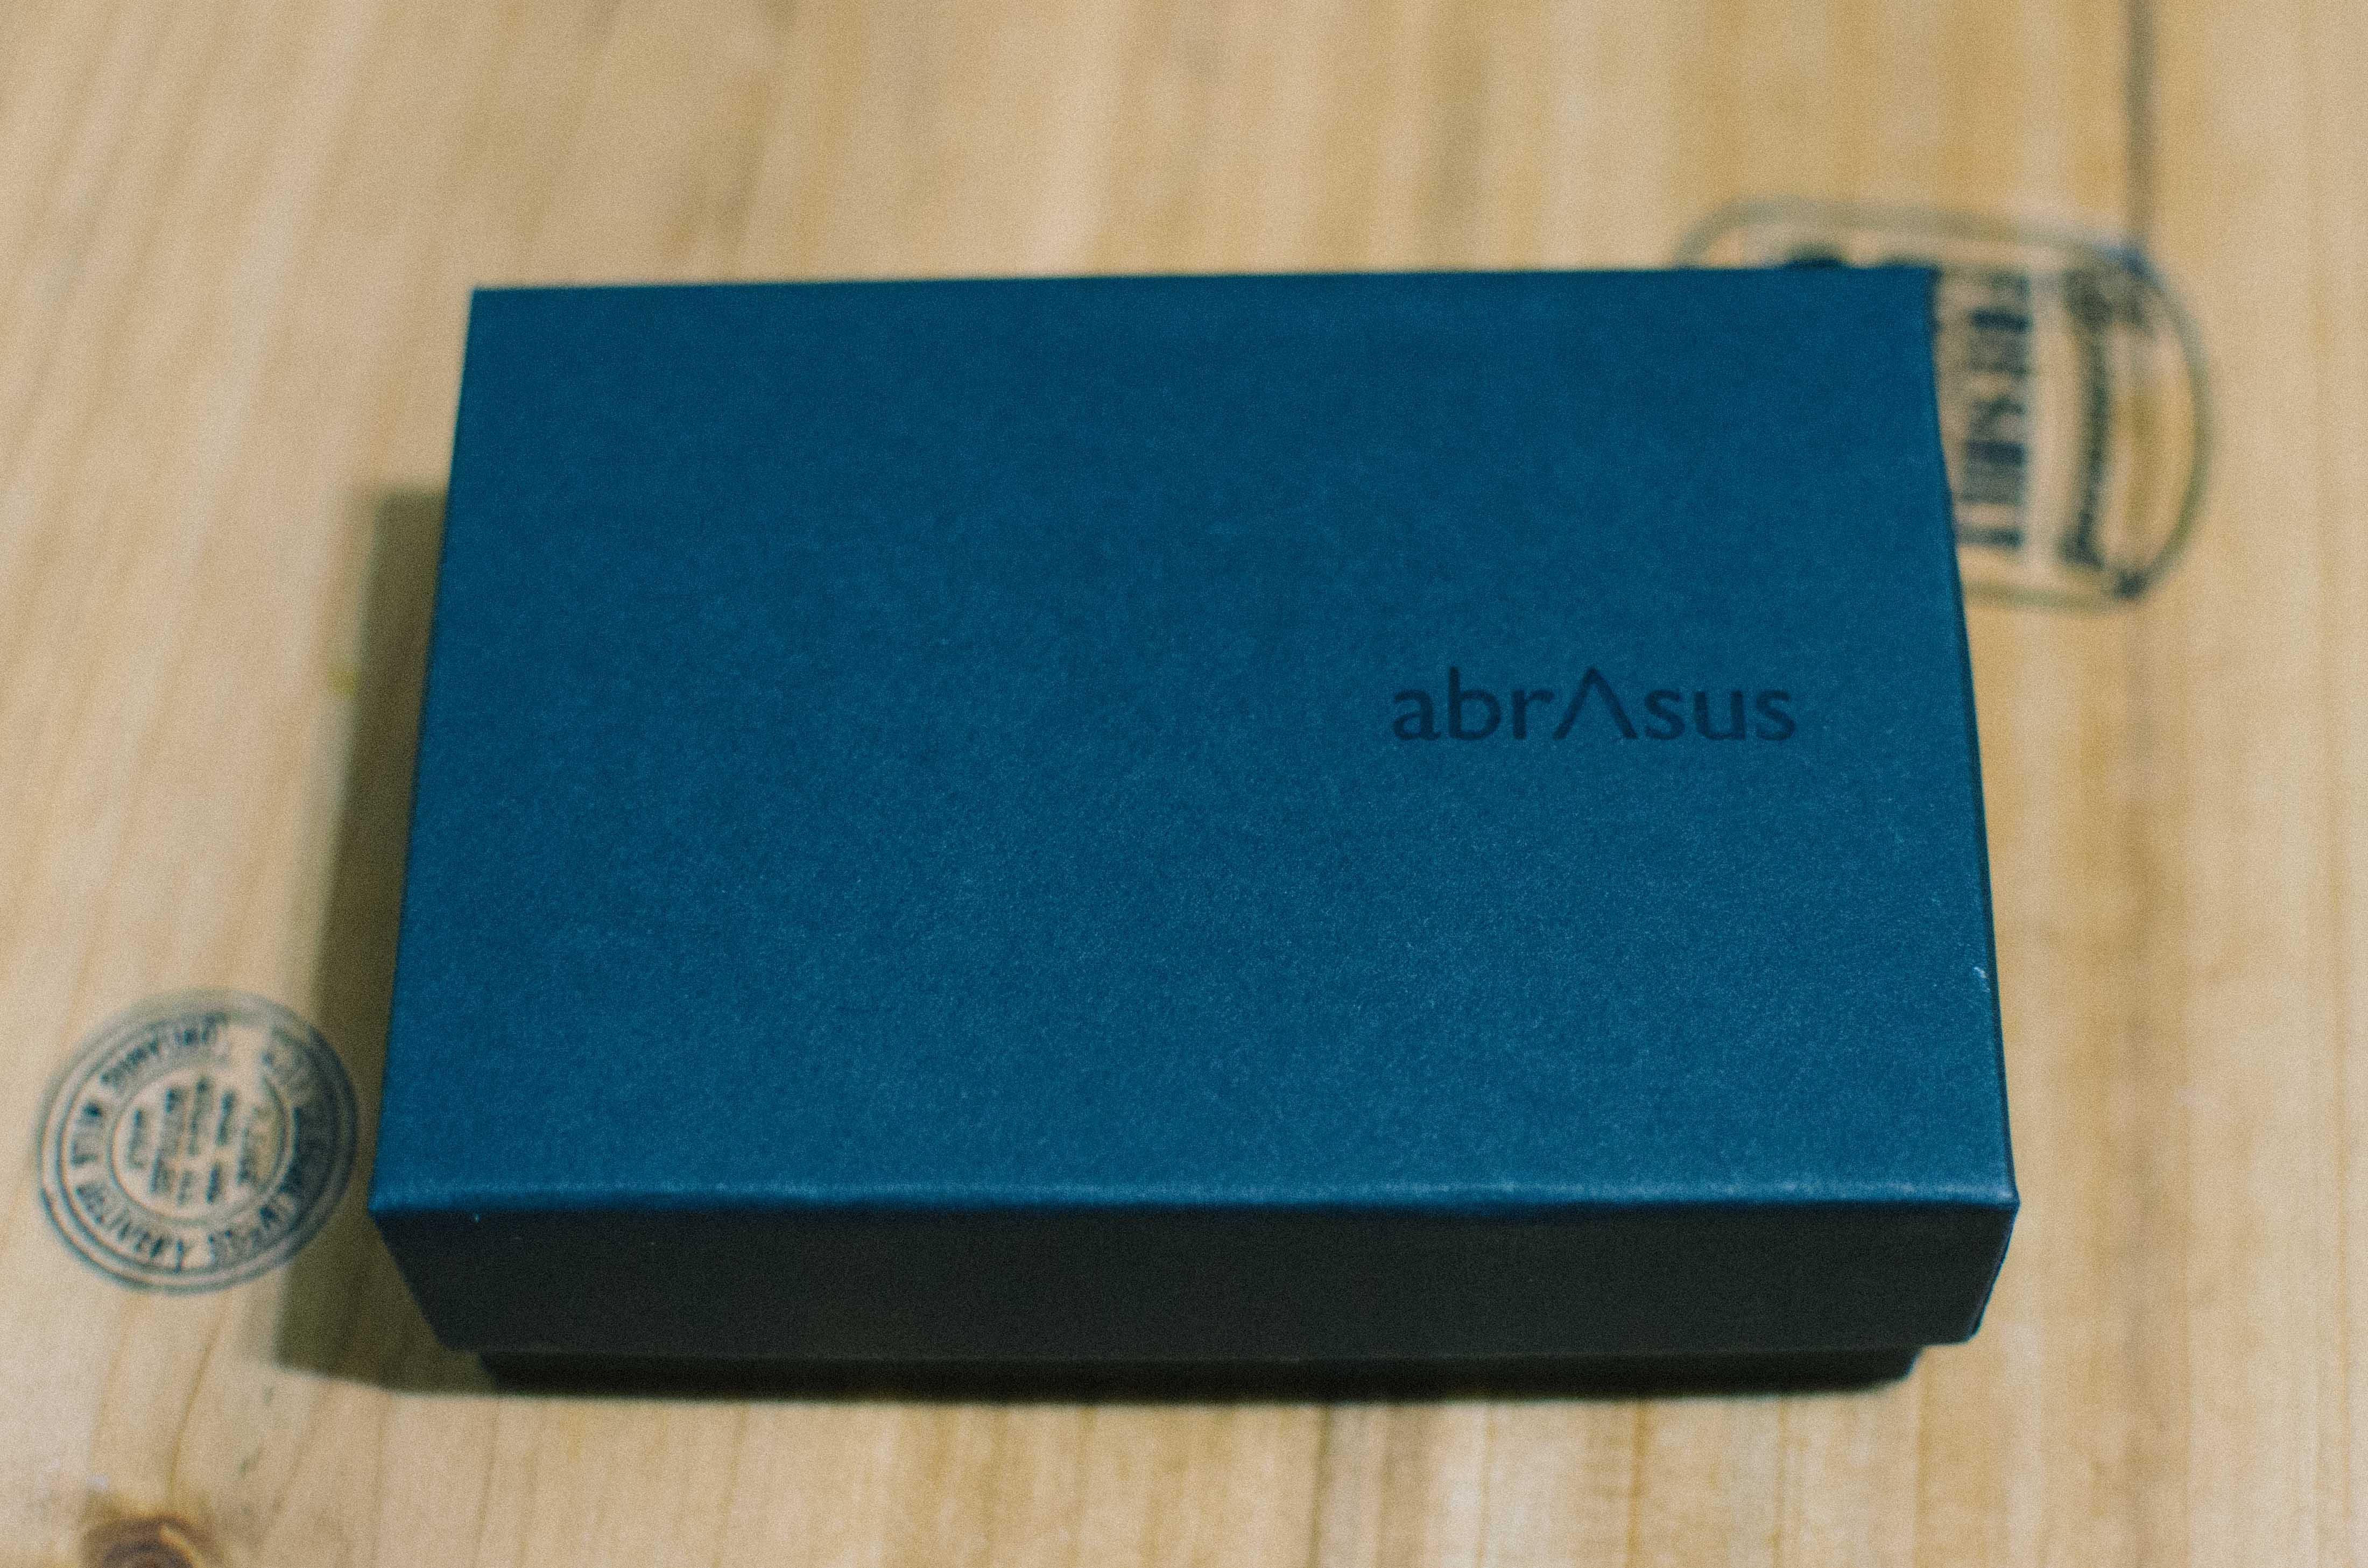 アブラサスの外箱